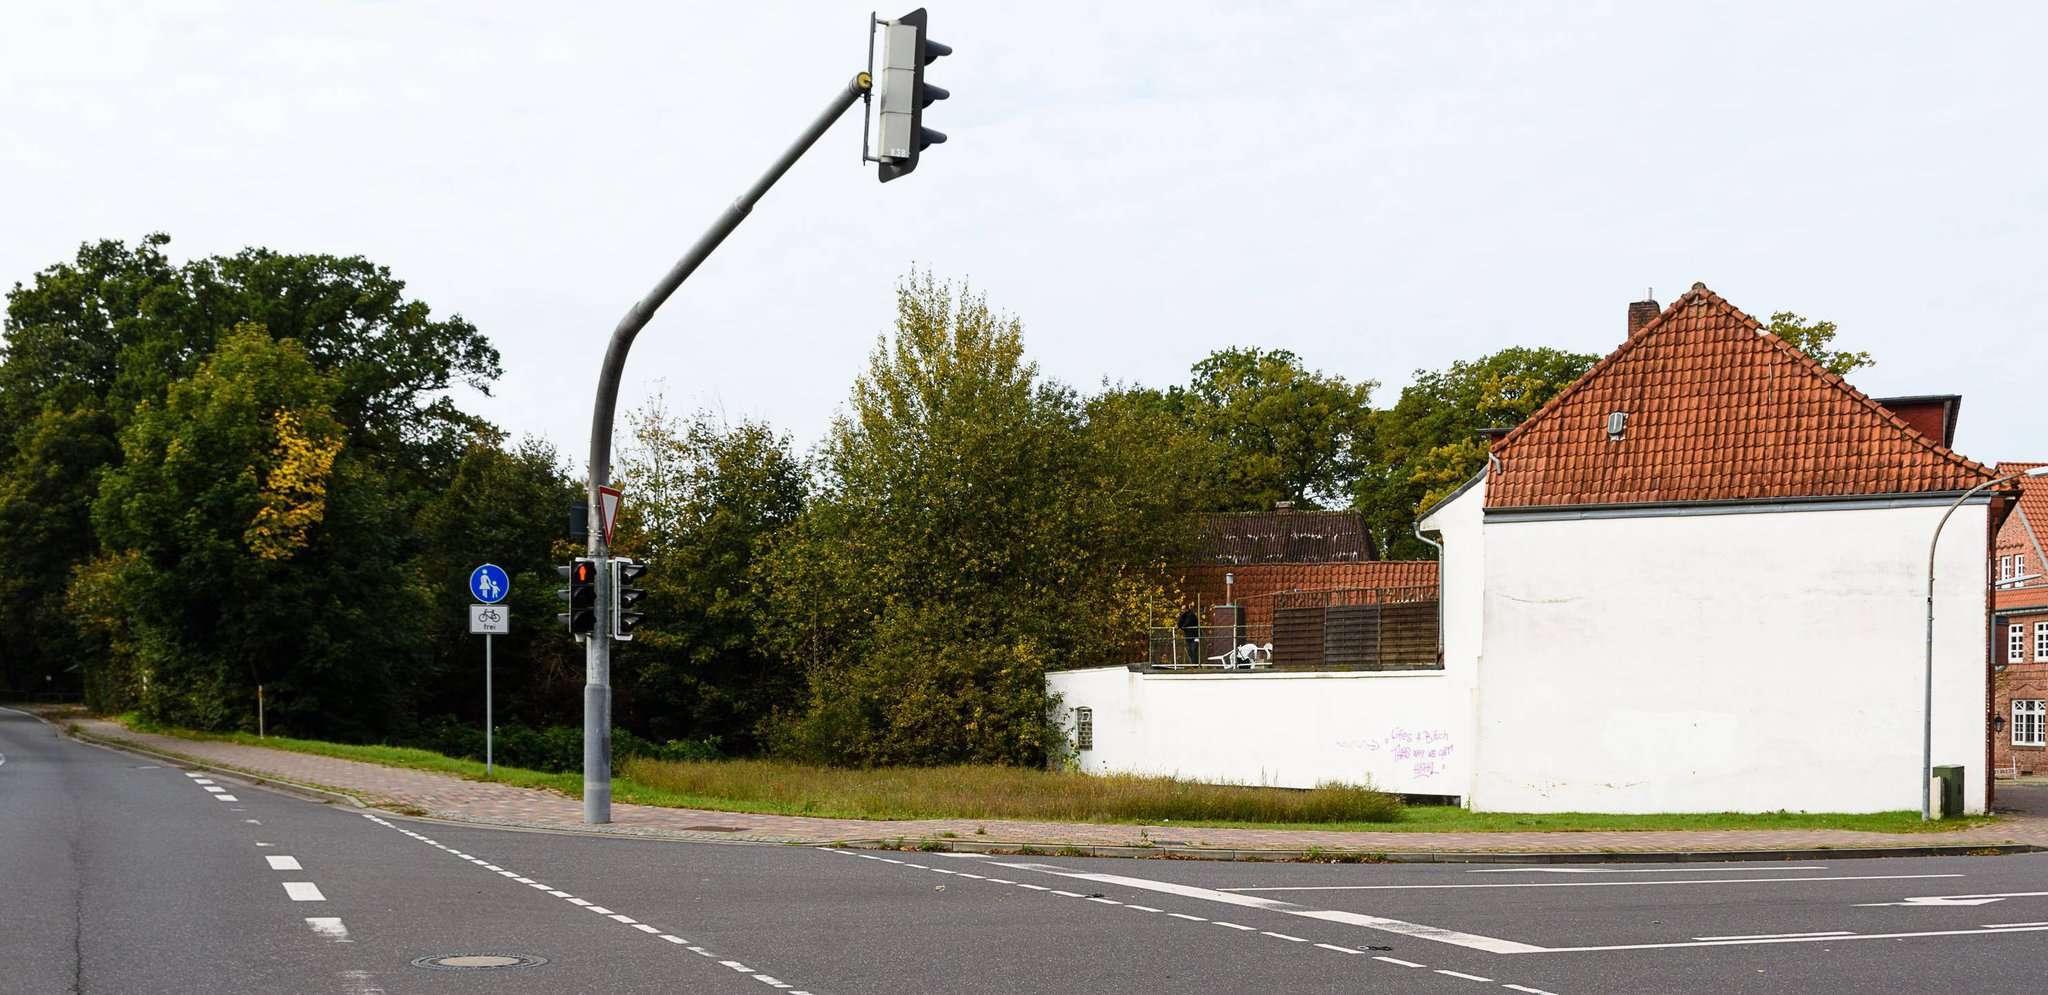 Auf dem Gelände zwischen der Mühlenstraße und der Bremer Straße soll der neue Combi-Markt entstehen. Dazu muss auf der Ecke zuerst noch ein wenig Platz geschaffen werden. Foto: Klaus-Dieter Plage